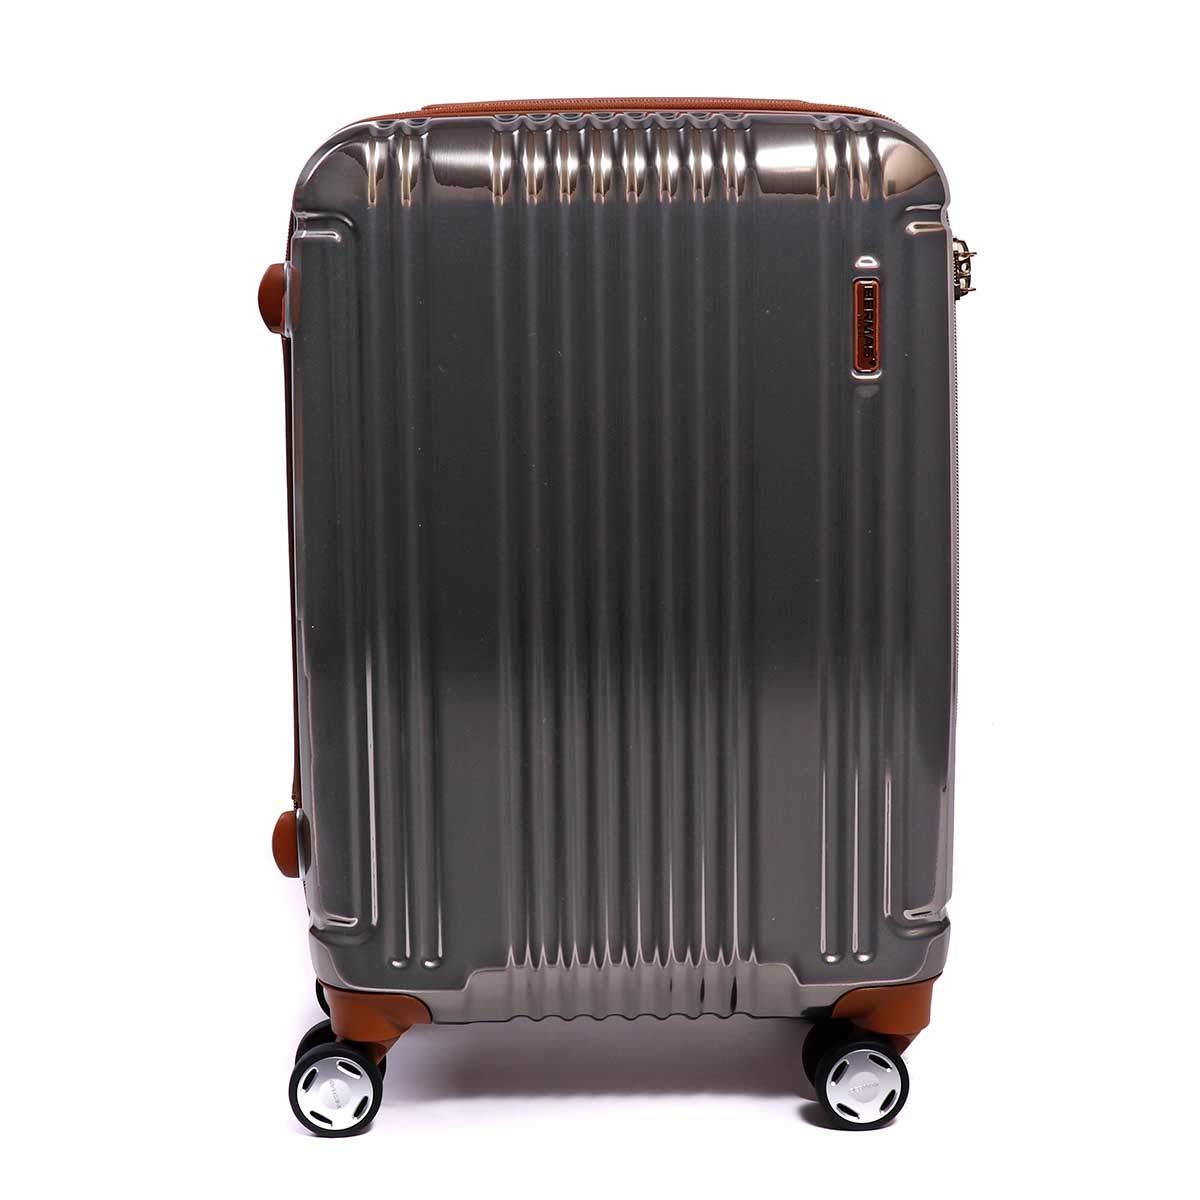 [バーマス]BERMAS プレステージ3 PRESTIGE 3 100周年記念モデル スーツケース 37L 60274 B07G3SDSS1 キャメル(45)